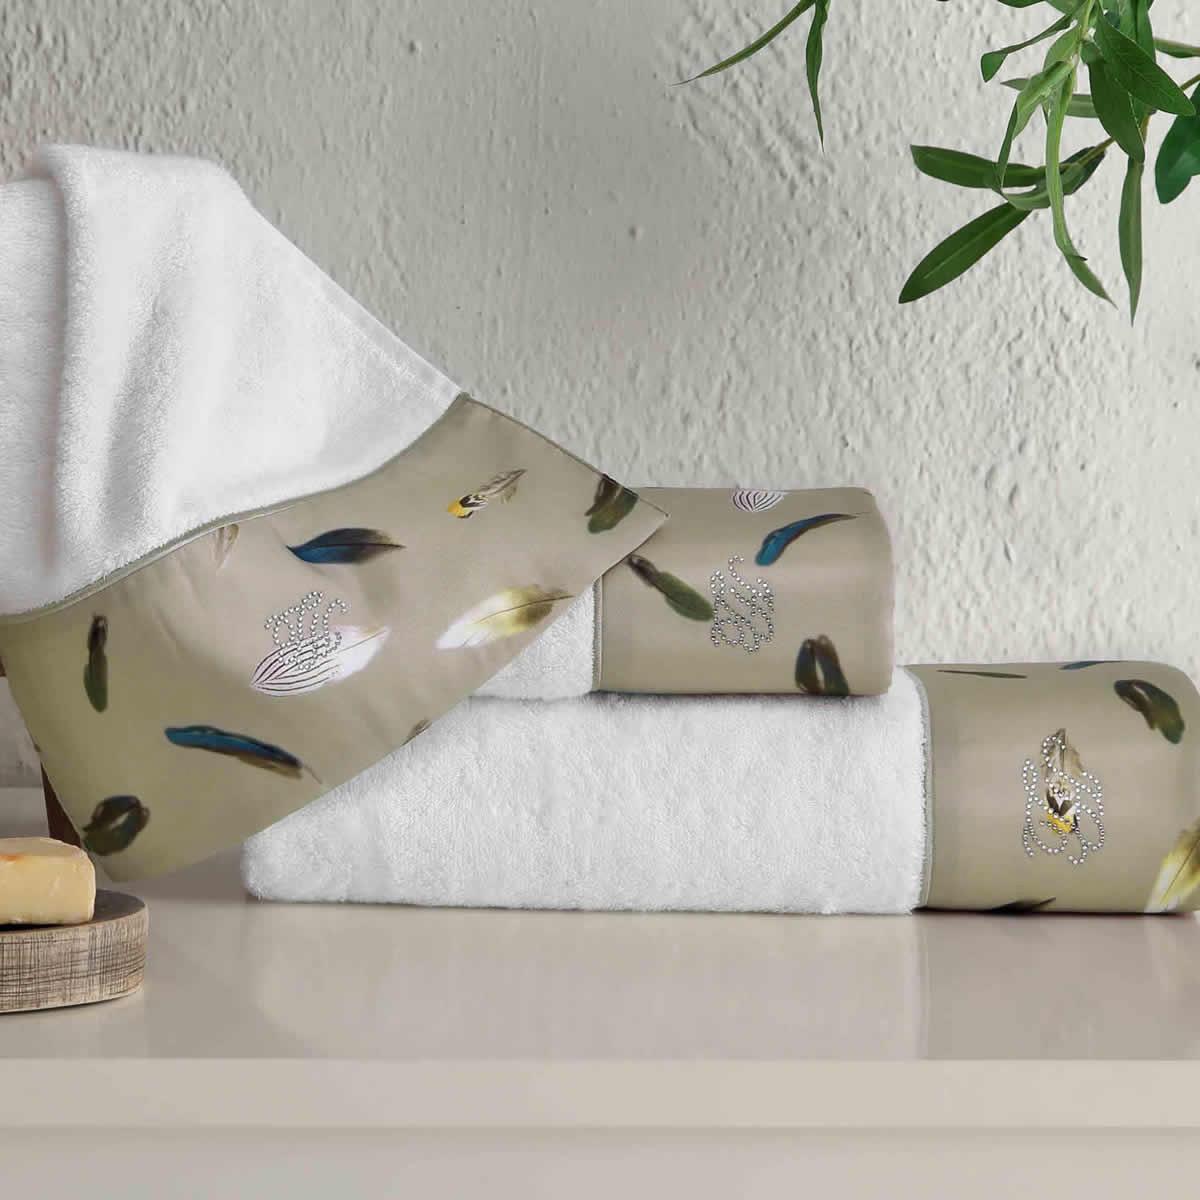 Комплект полотенец (30x50, 50x100, 75x150) + ароматический спрей Gala хаки Tivolyo